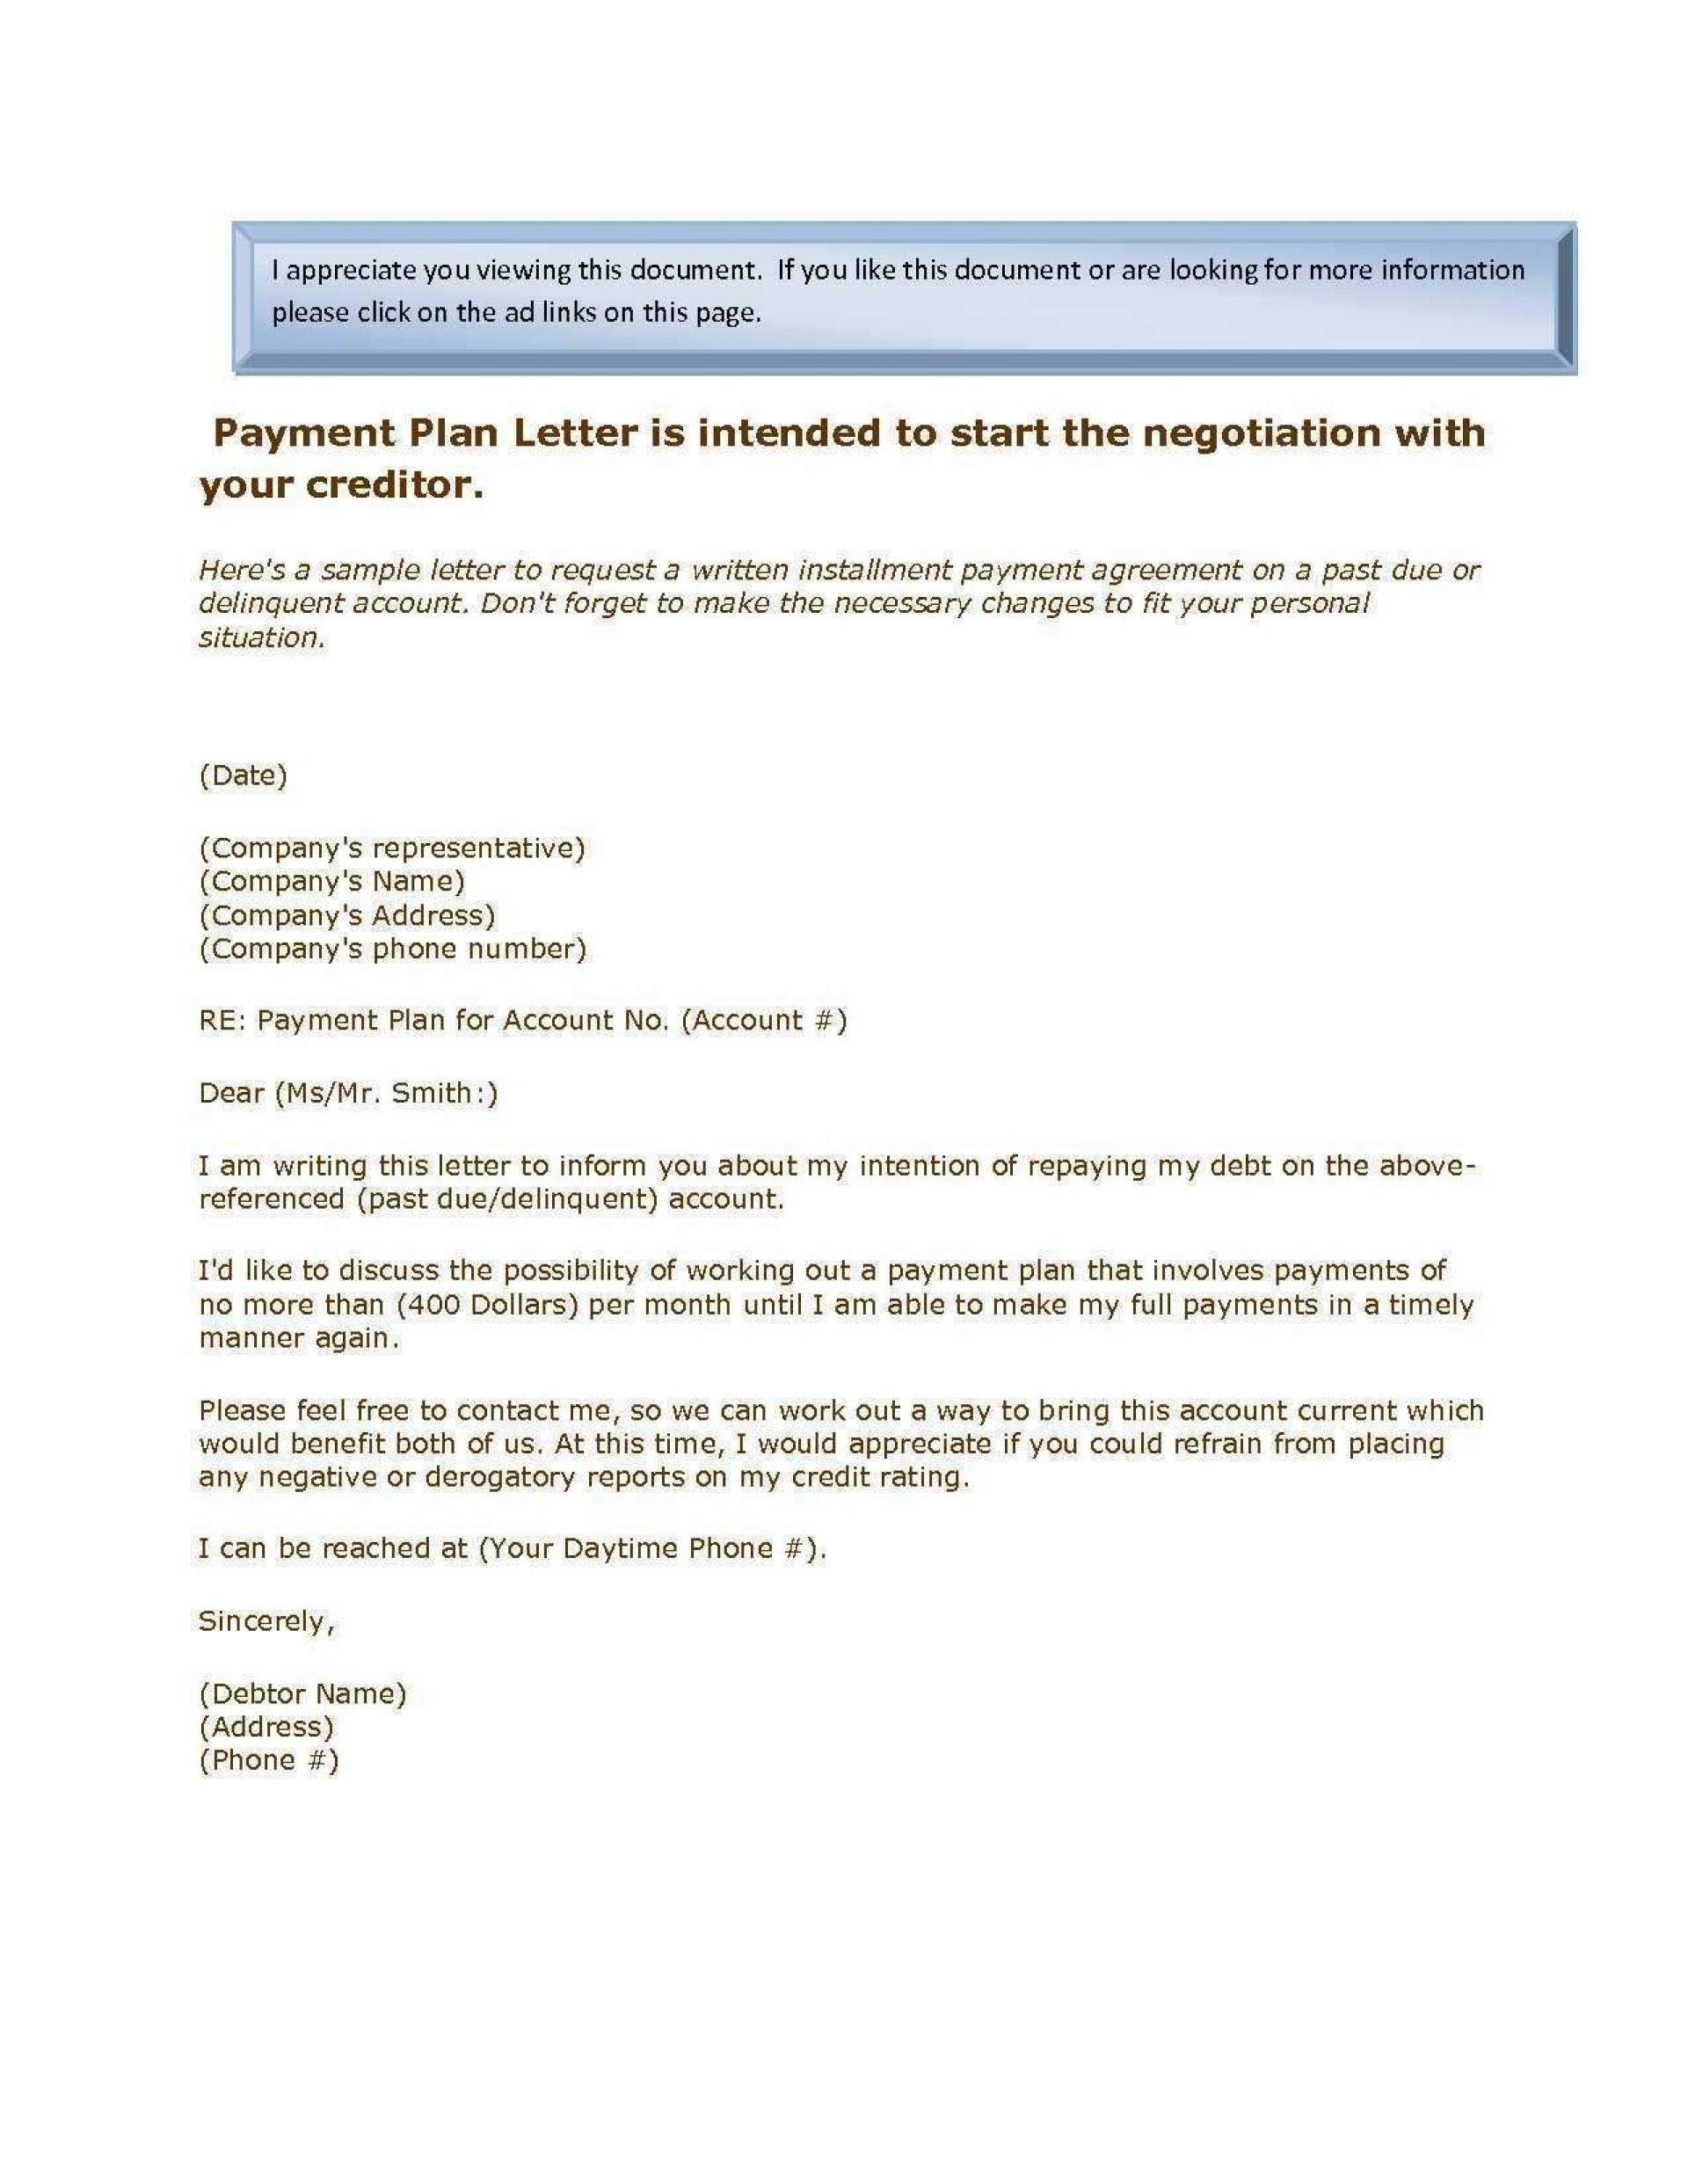 Debt Settlement Agreement Template Ideas Letter Templates For Regarding Negotiated Settlement Agreement Sample